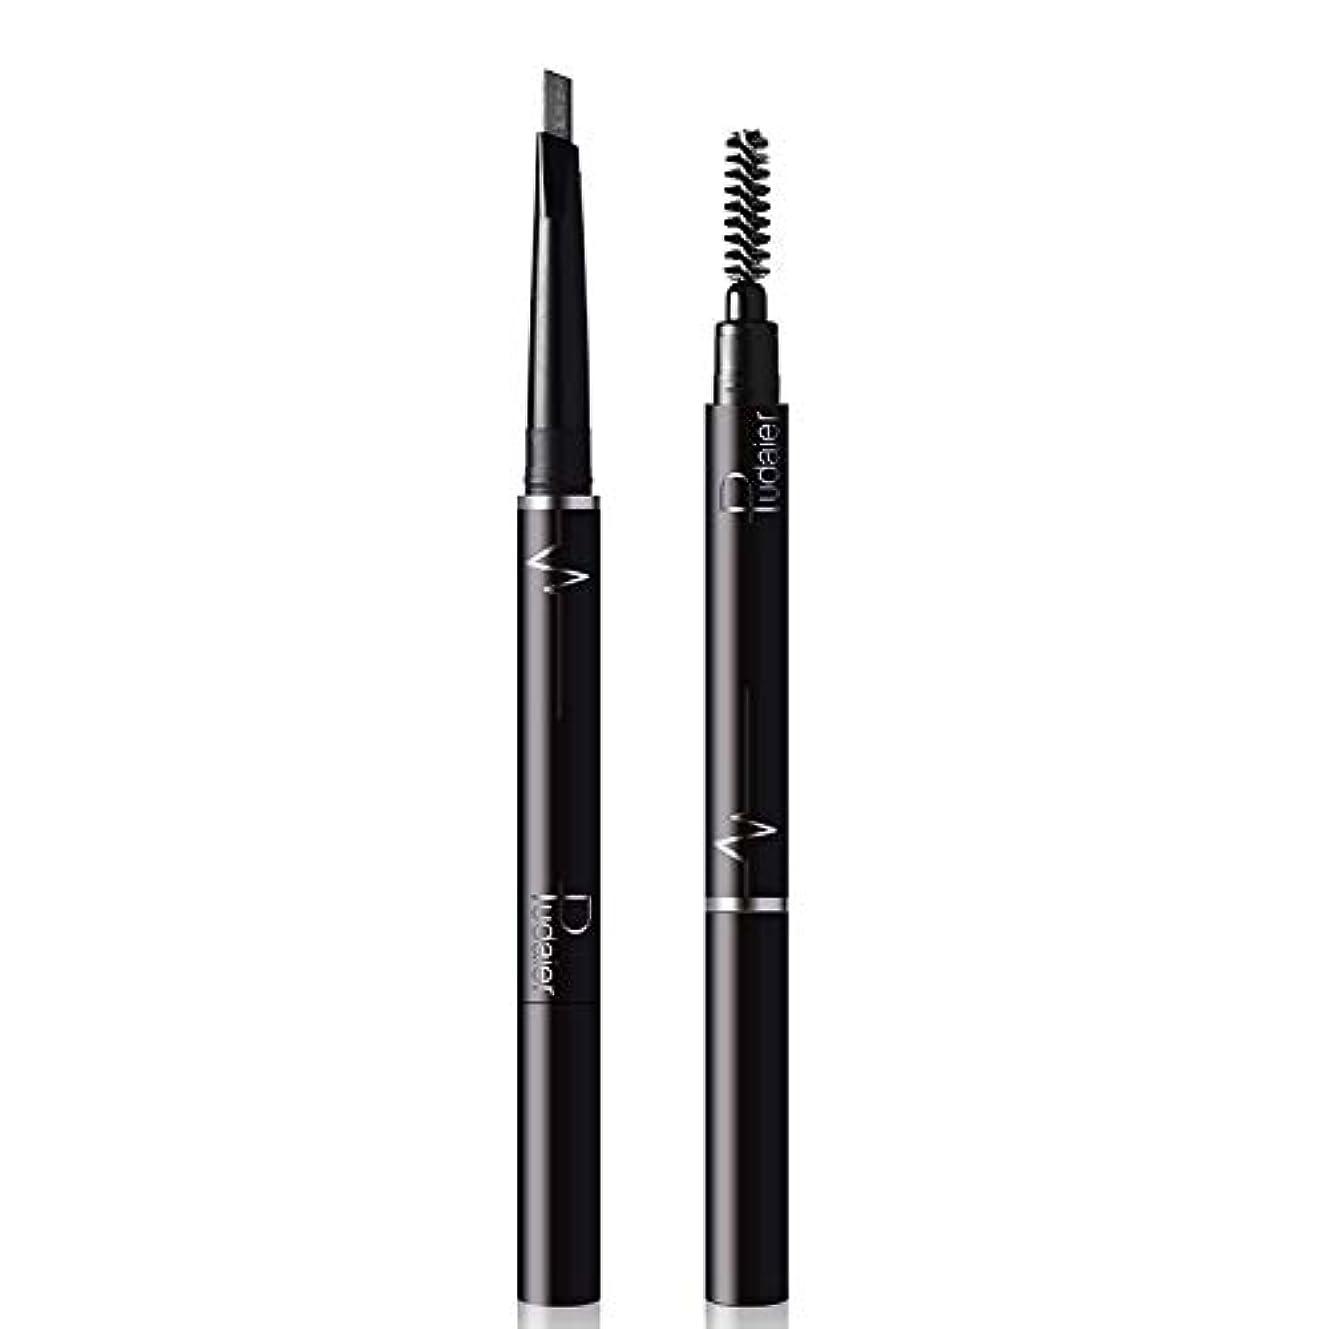 呼吸グリーンバック電報Symboat アイブロウペンシル アイラインペン メイクアップペン 防水 防汗 長持ち メイクアップツール